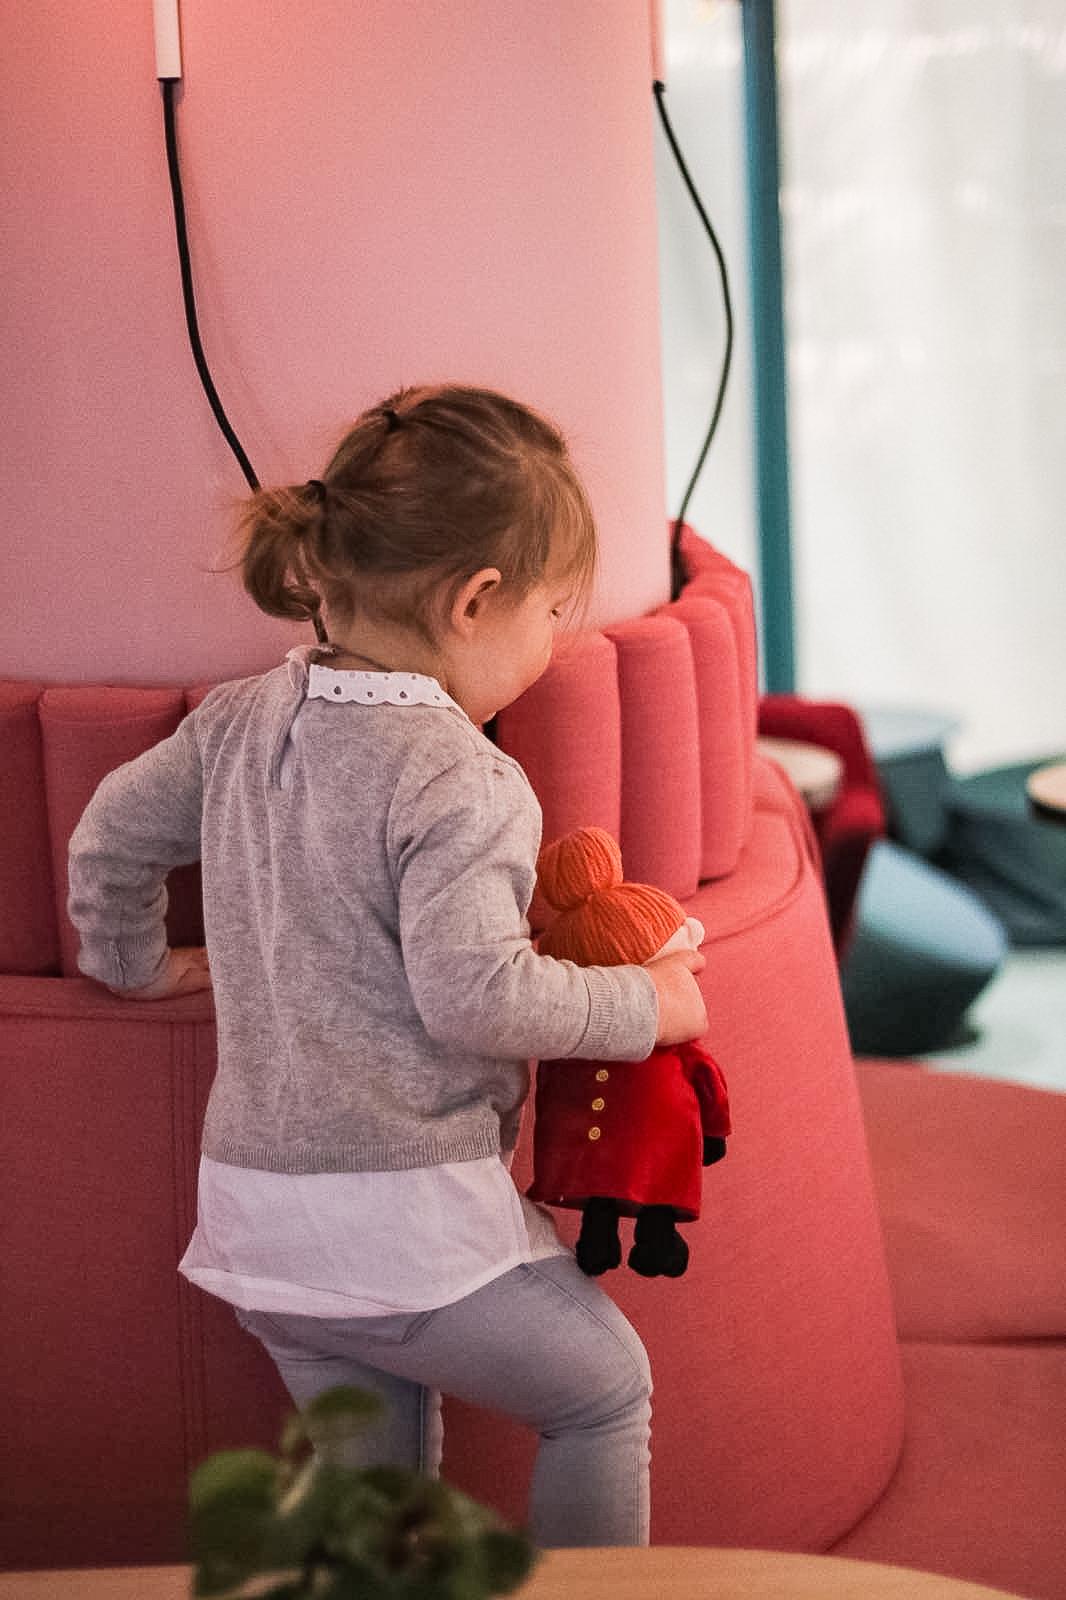 lastenvaatteet, lapset, tyyli, H&M, neutraali pukeutuminen,